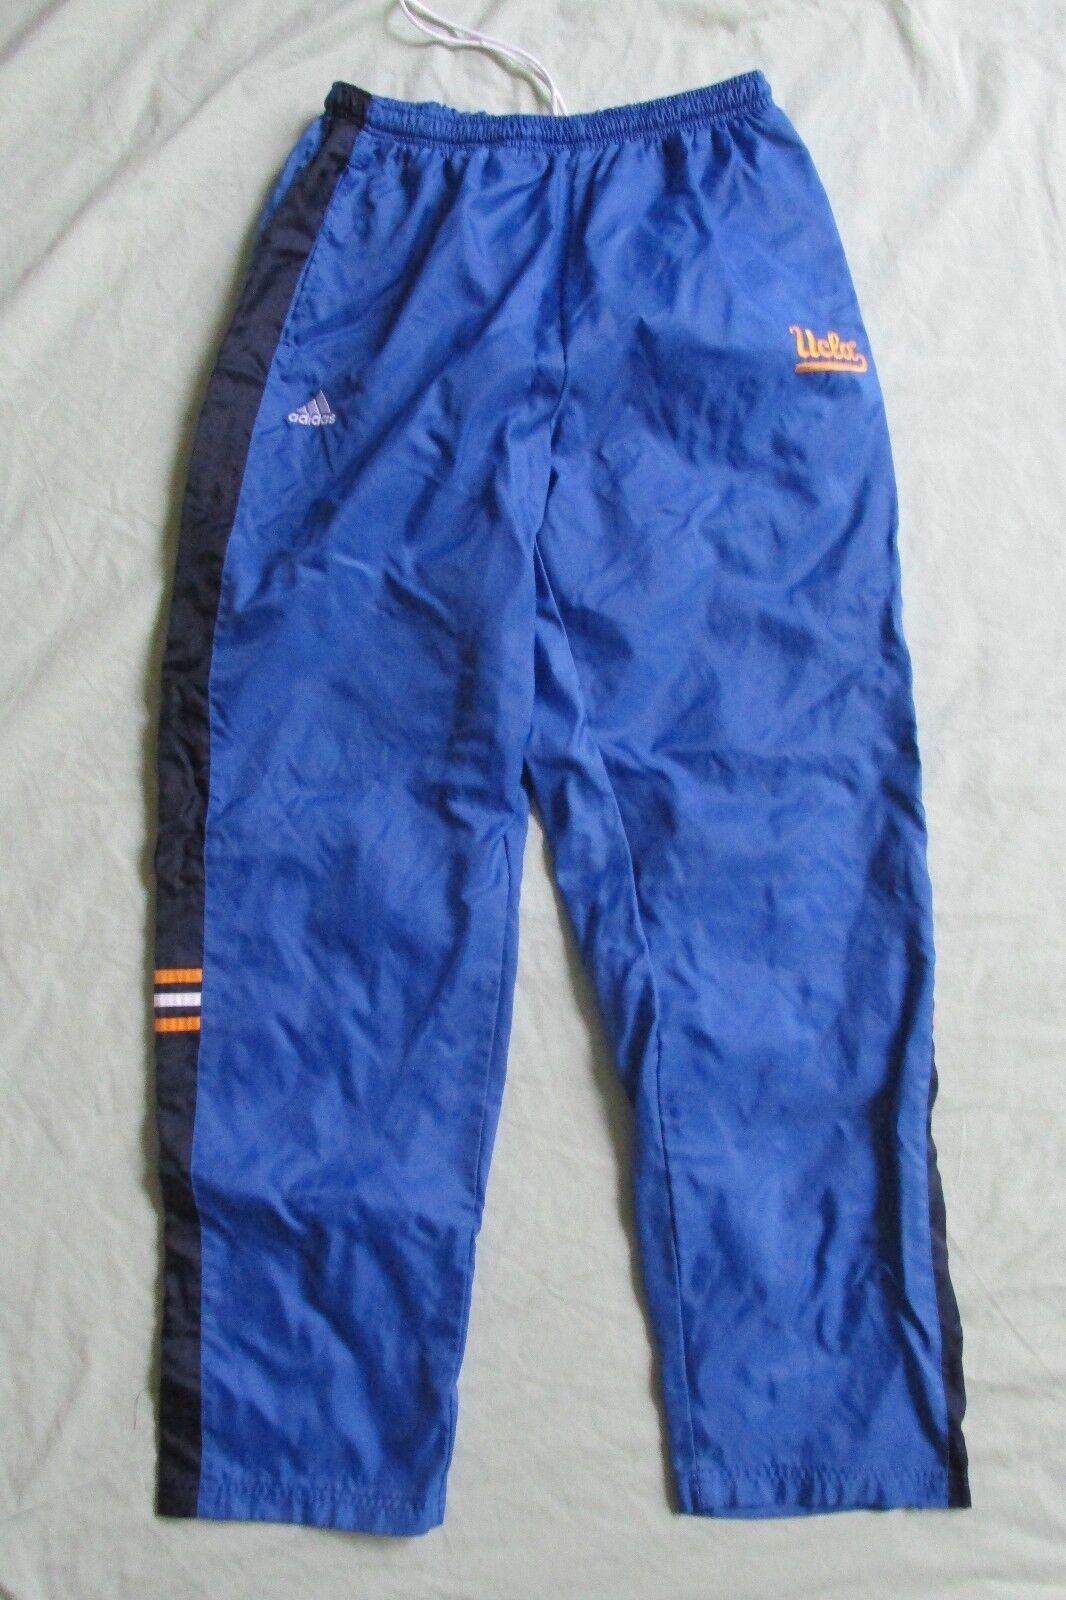 HERREN DAMEN Ucla Athletic Basketball Hose Gummibund Größe XL Blau & Gelb